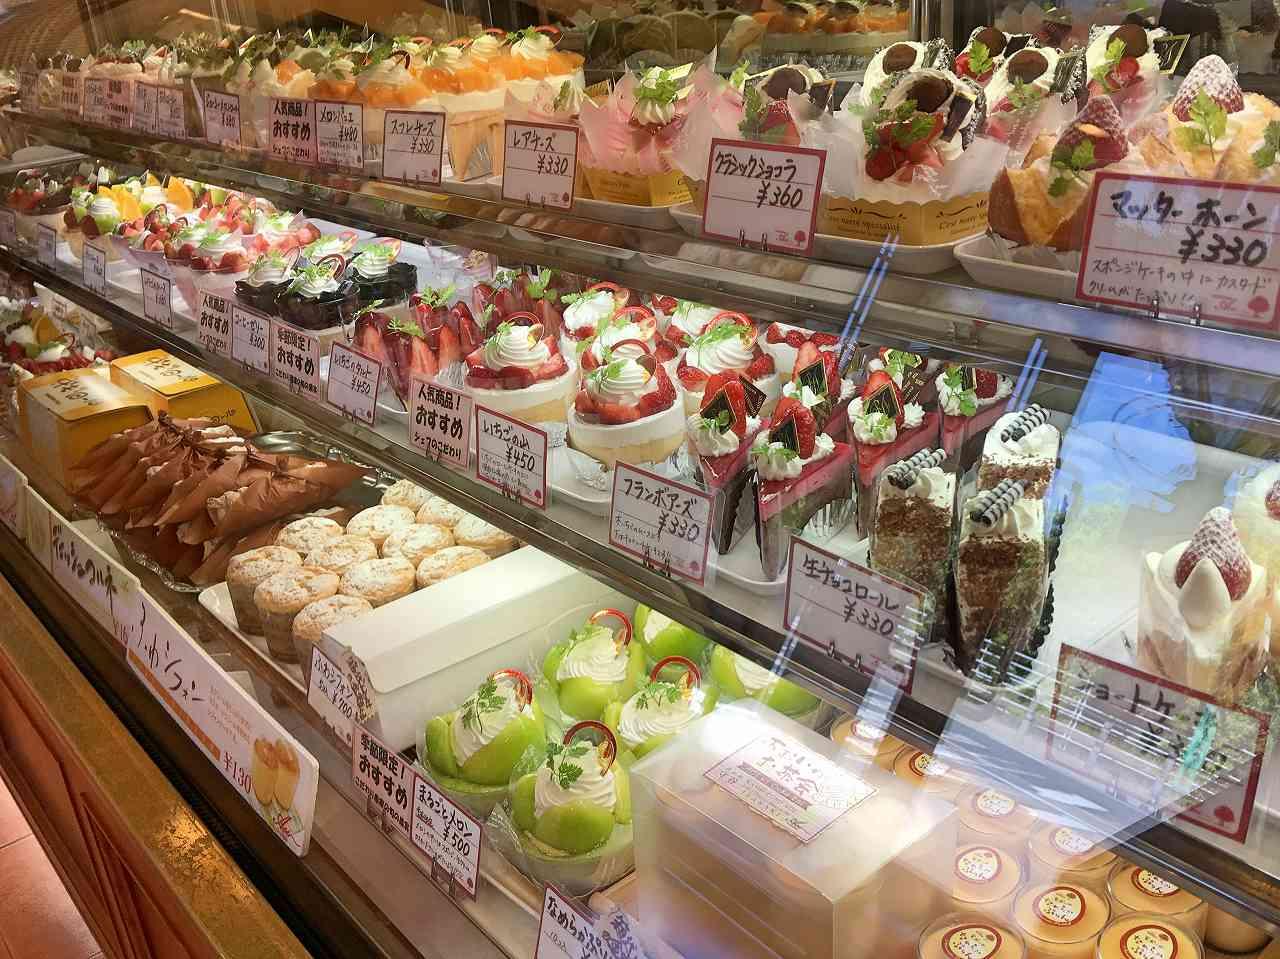 ケーキ 屋 守谷